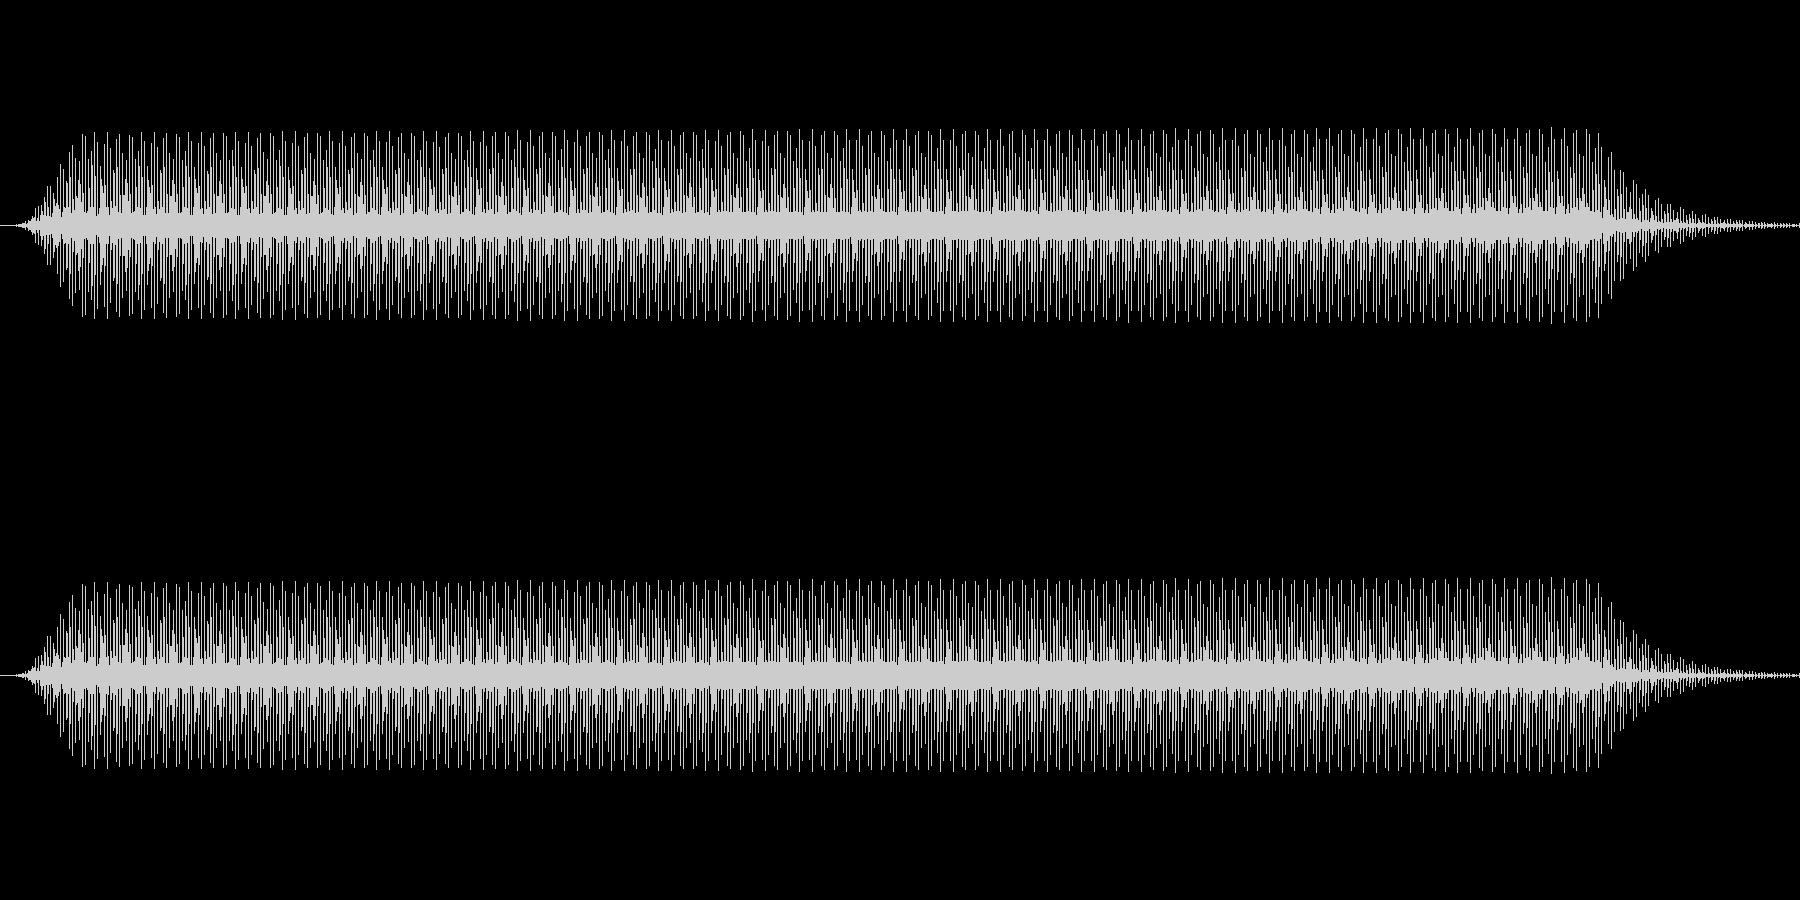 ピッ(電子音、カーソル、選択音)の未再生の波形